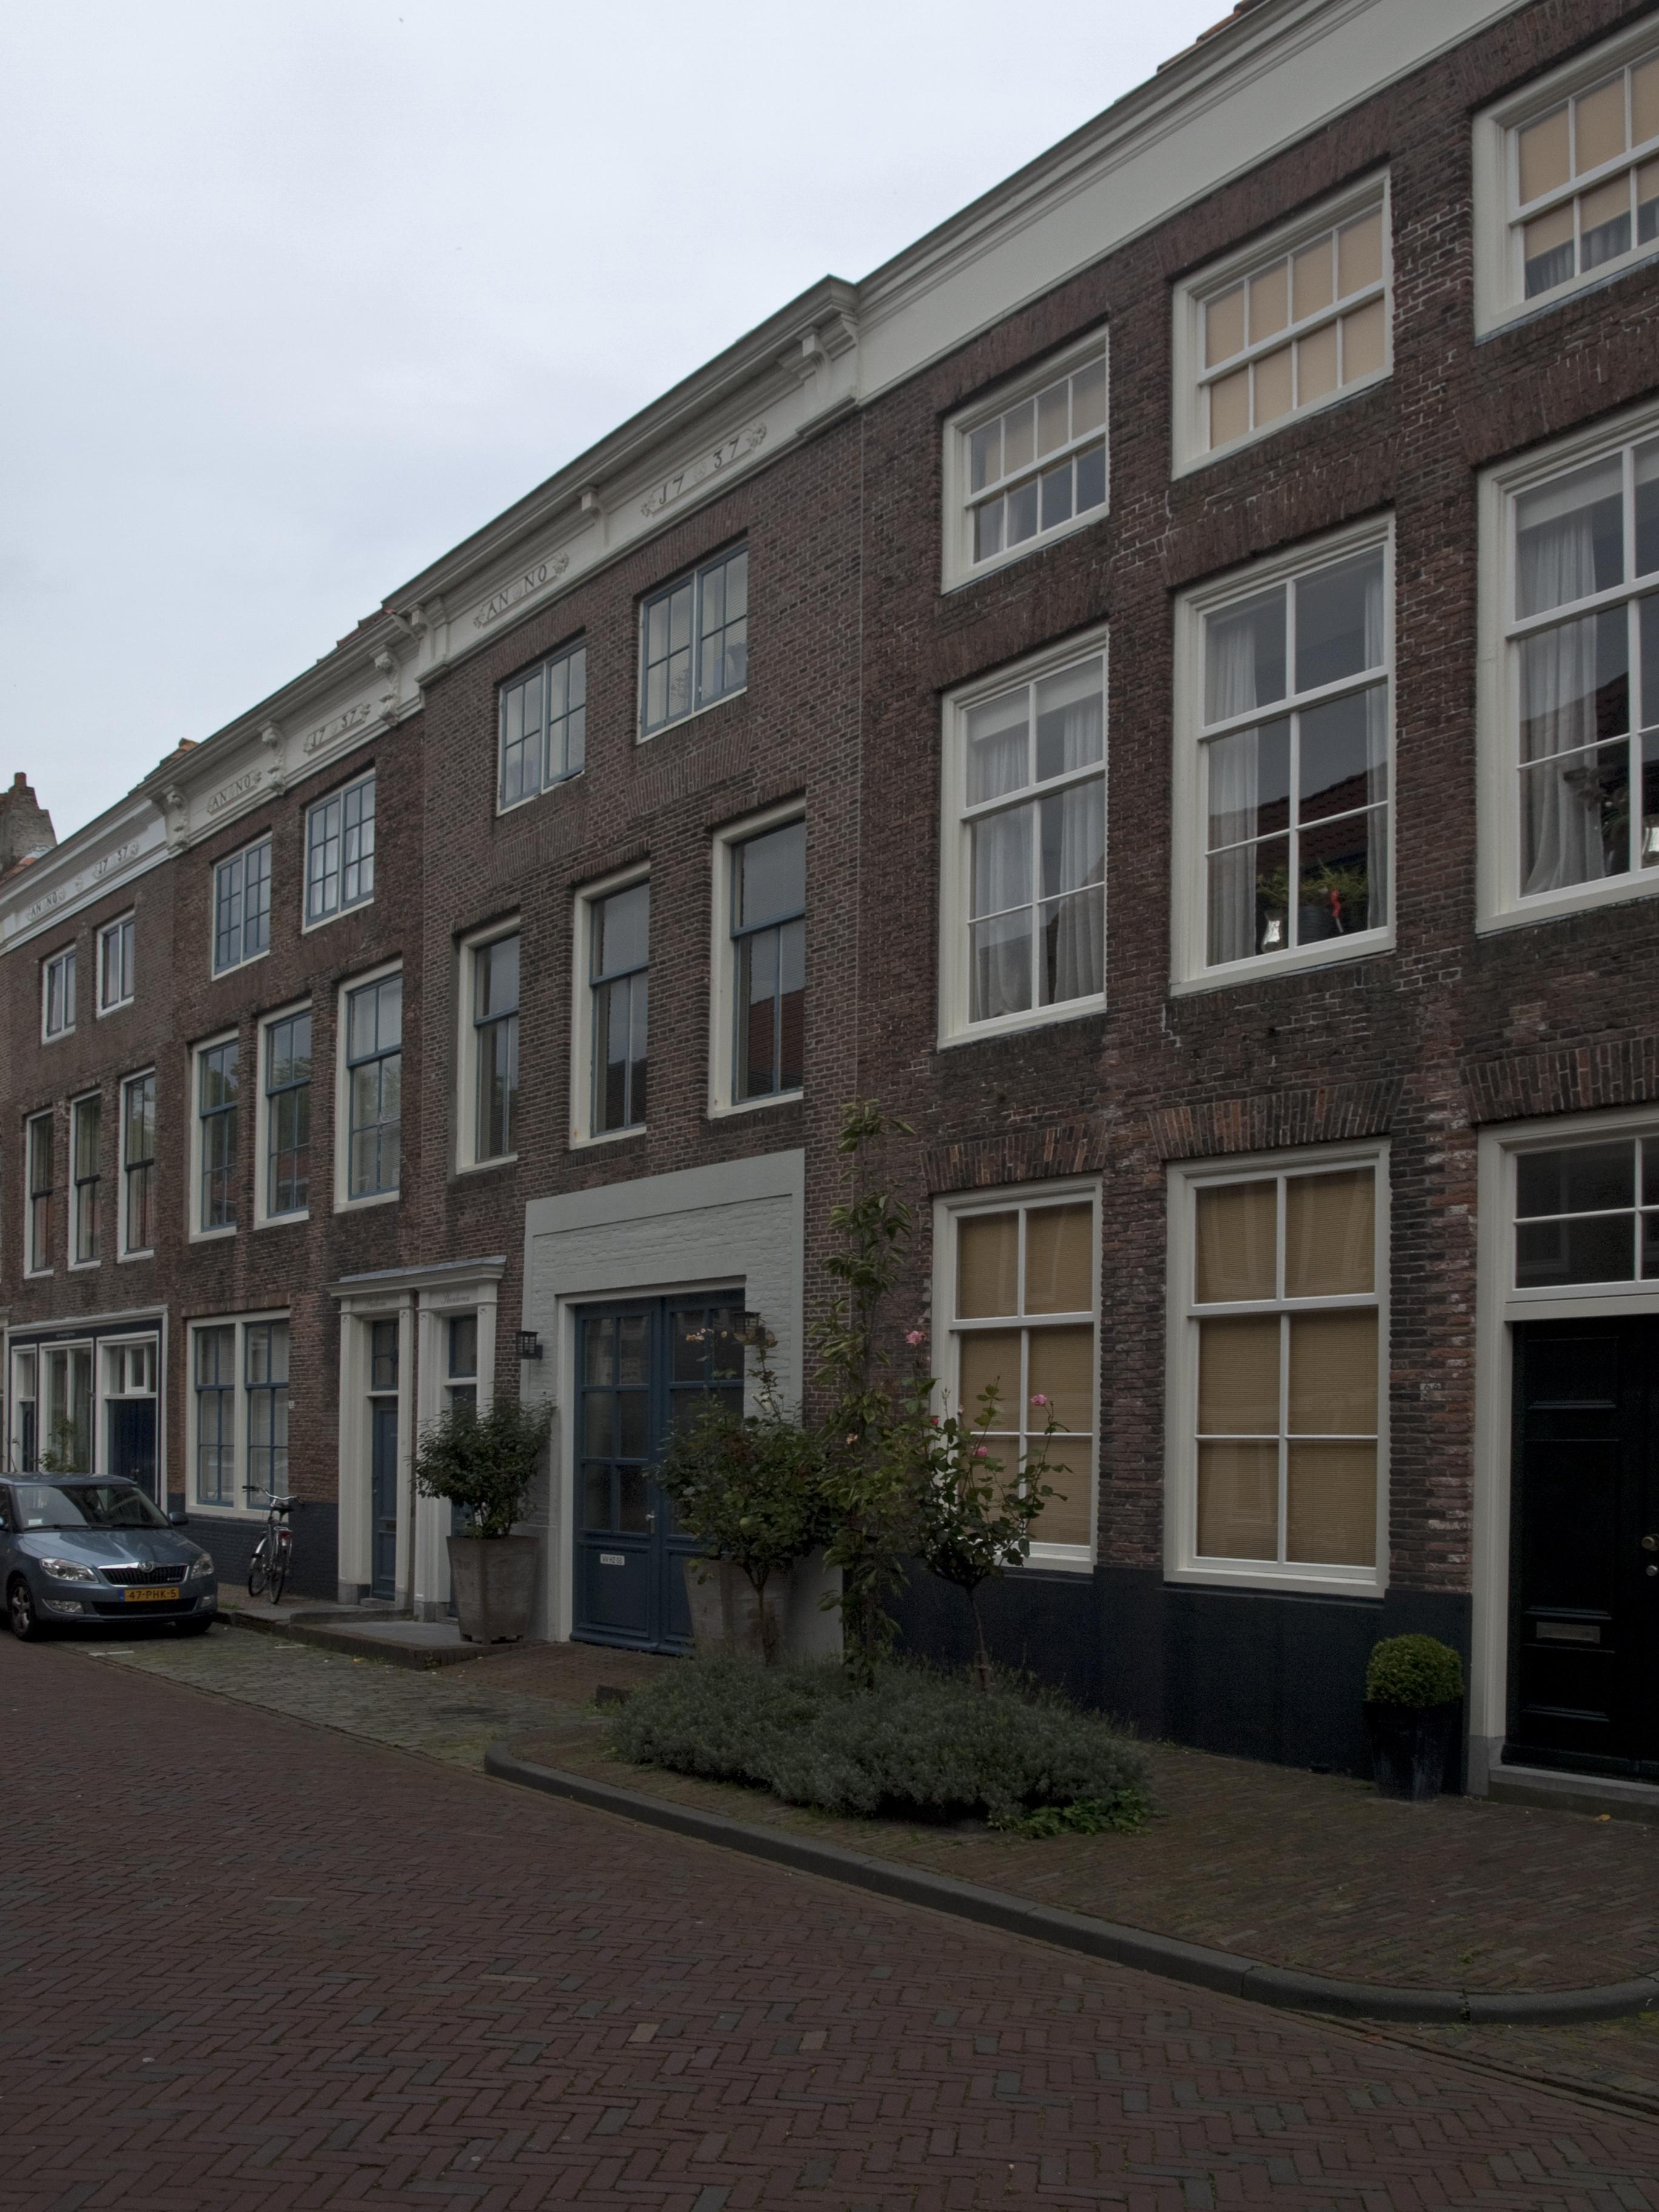 Huis met lijstgevel in lijst gedateerd 1737 in middelburg for Lijst inrichting huis